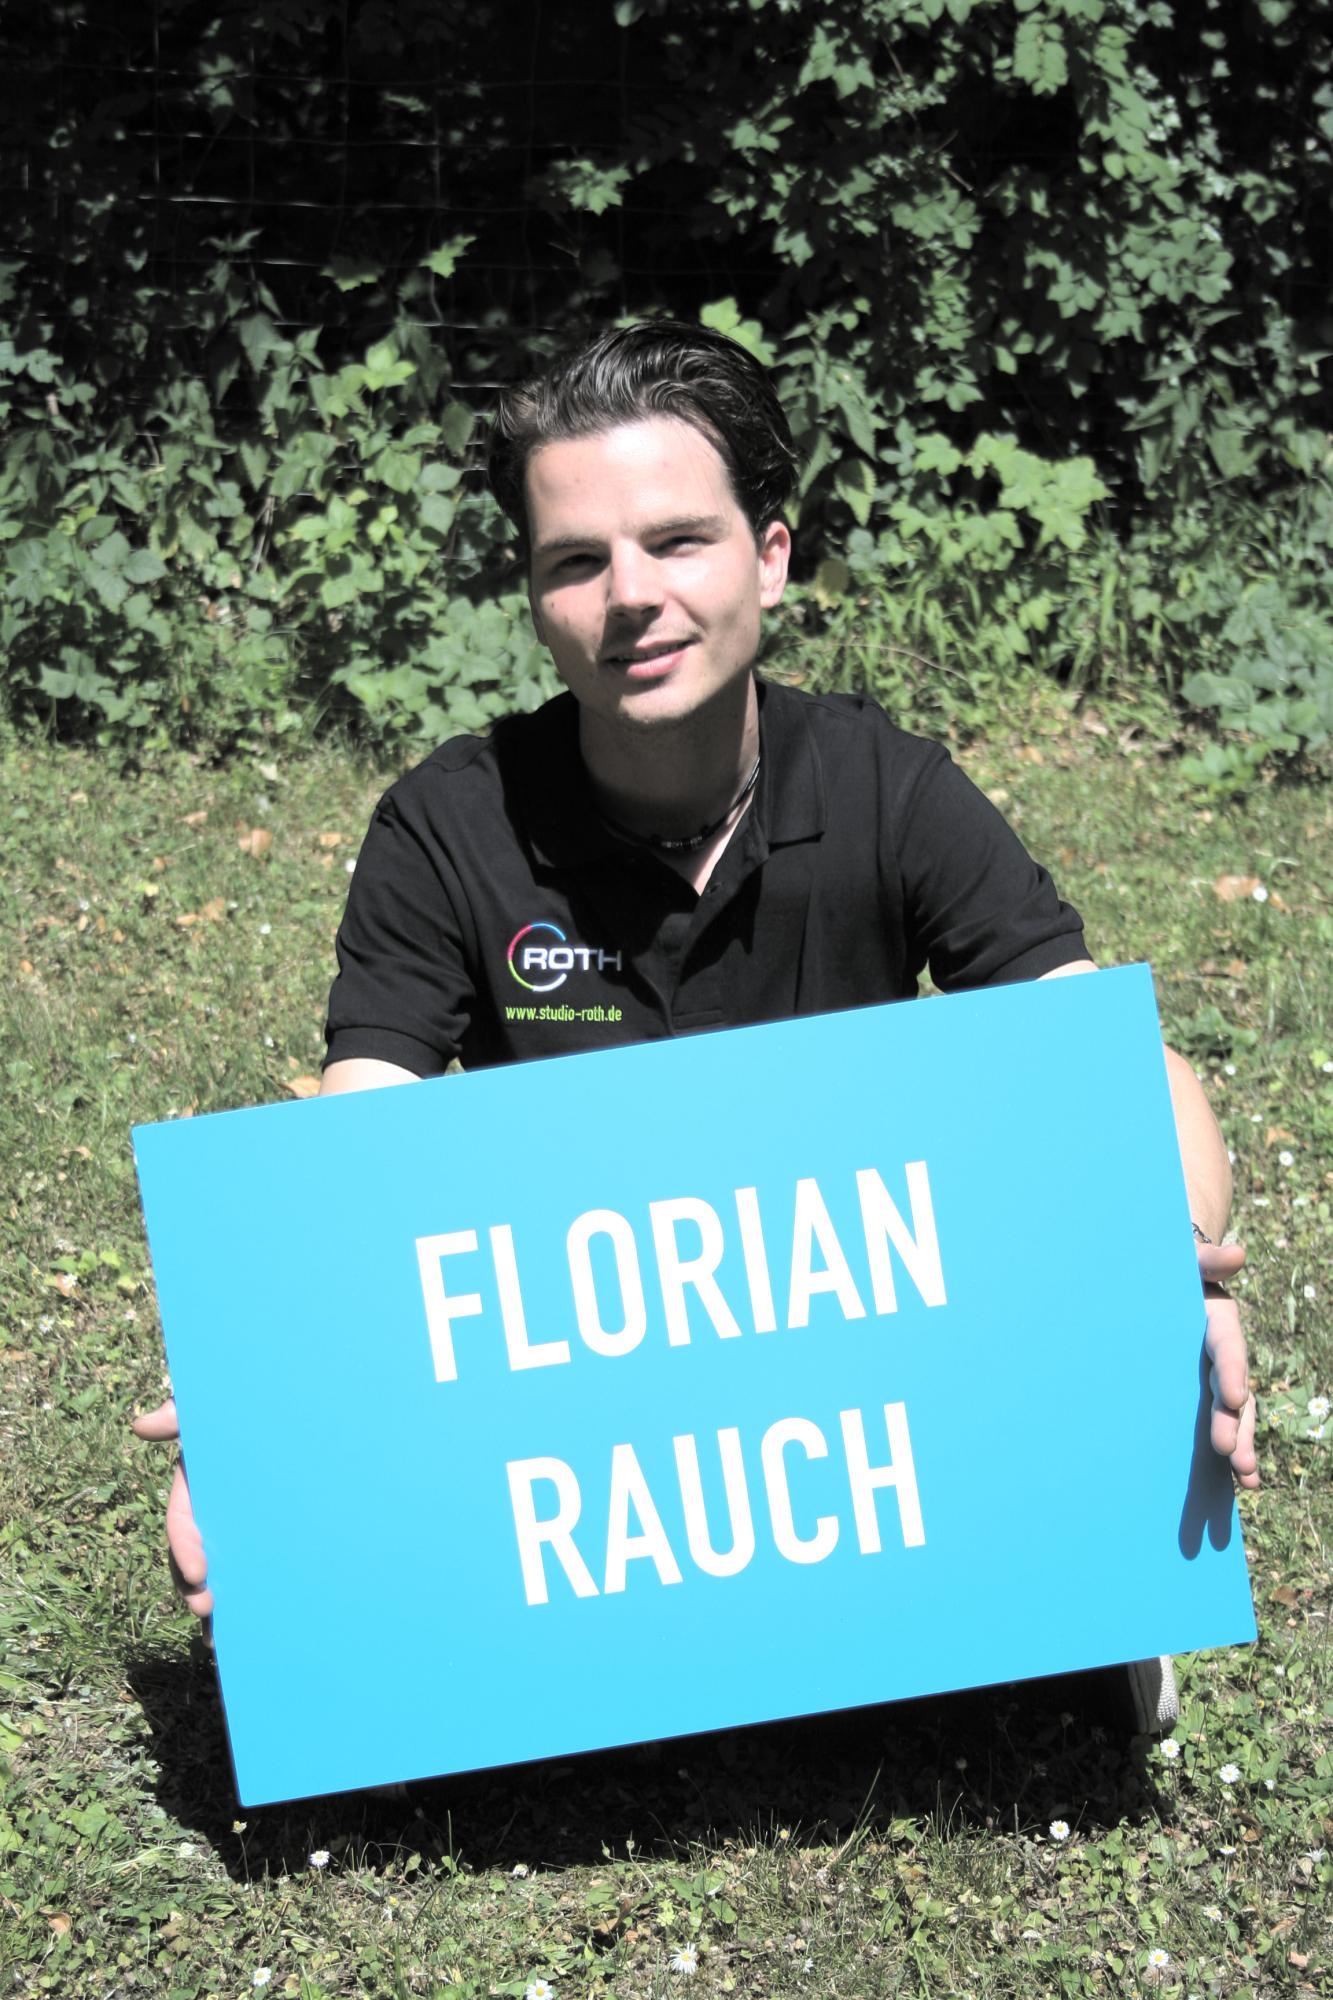 Florian Rauch